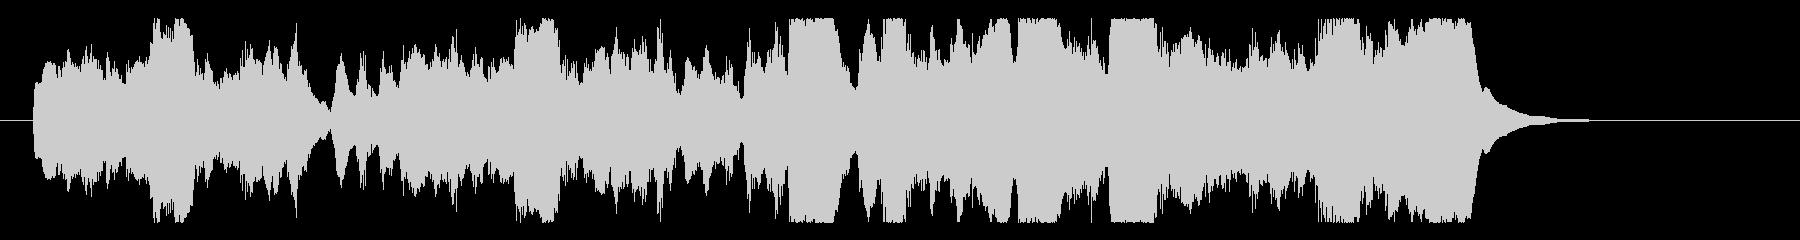 クラリネットのほのぼのオーケストラの未再生の波形